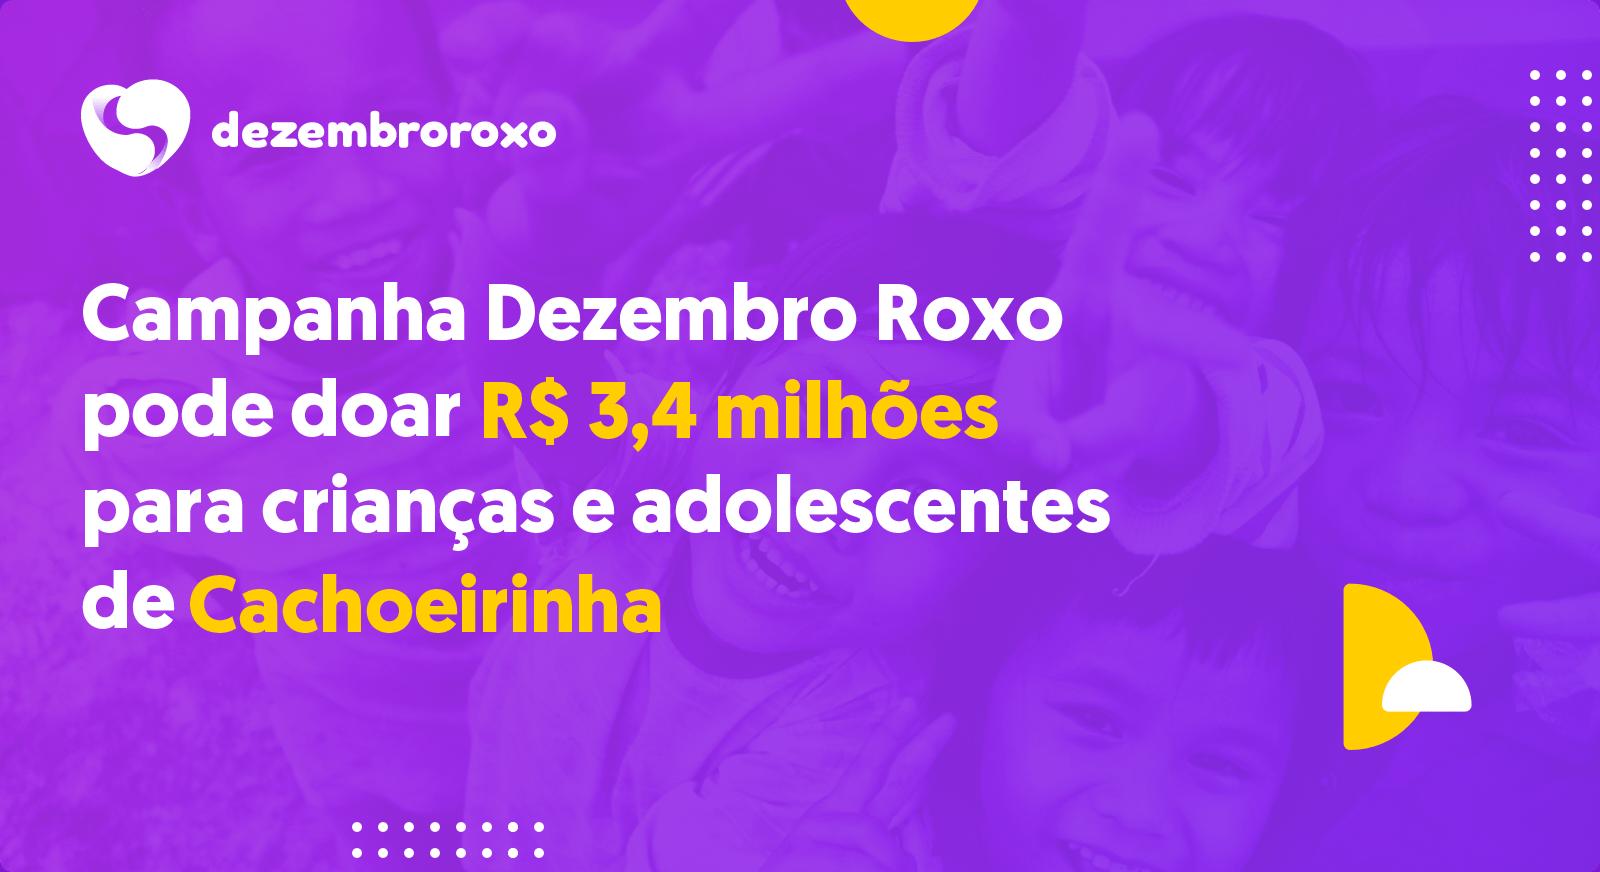 Doações em Cachoeirinha - RS